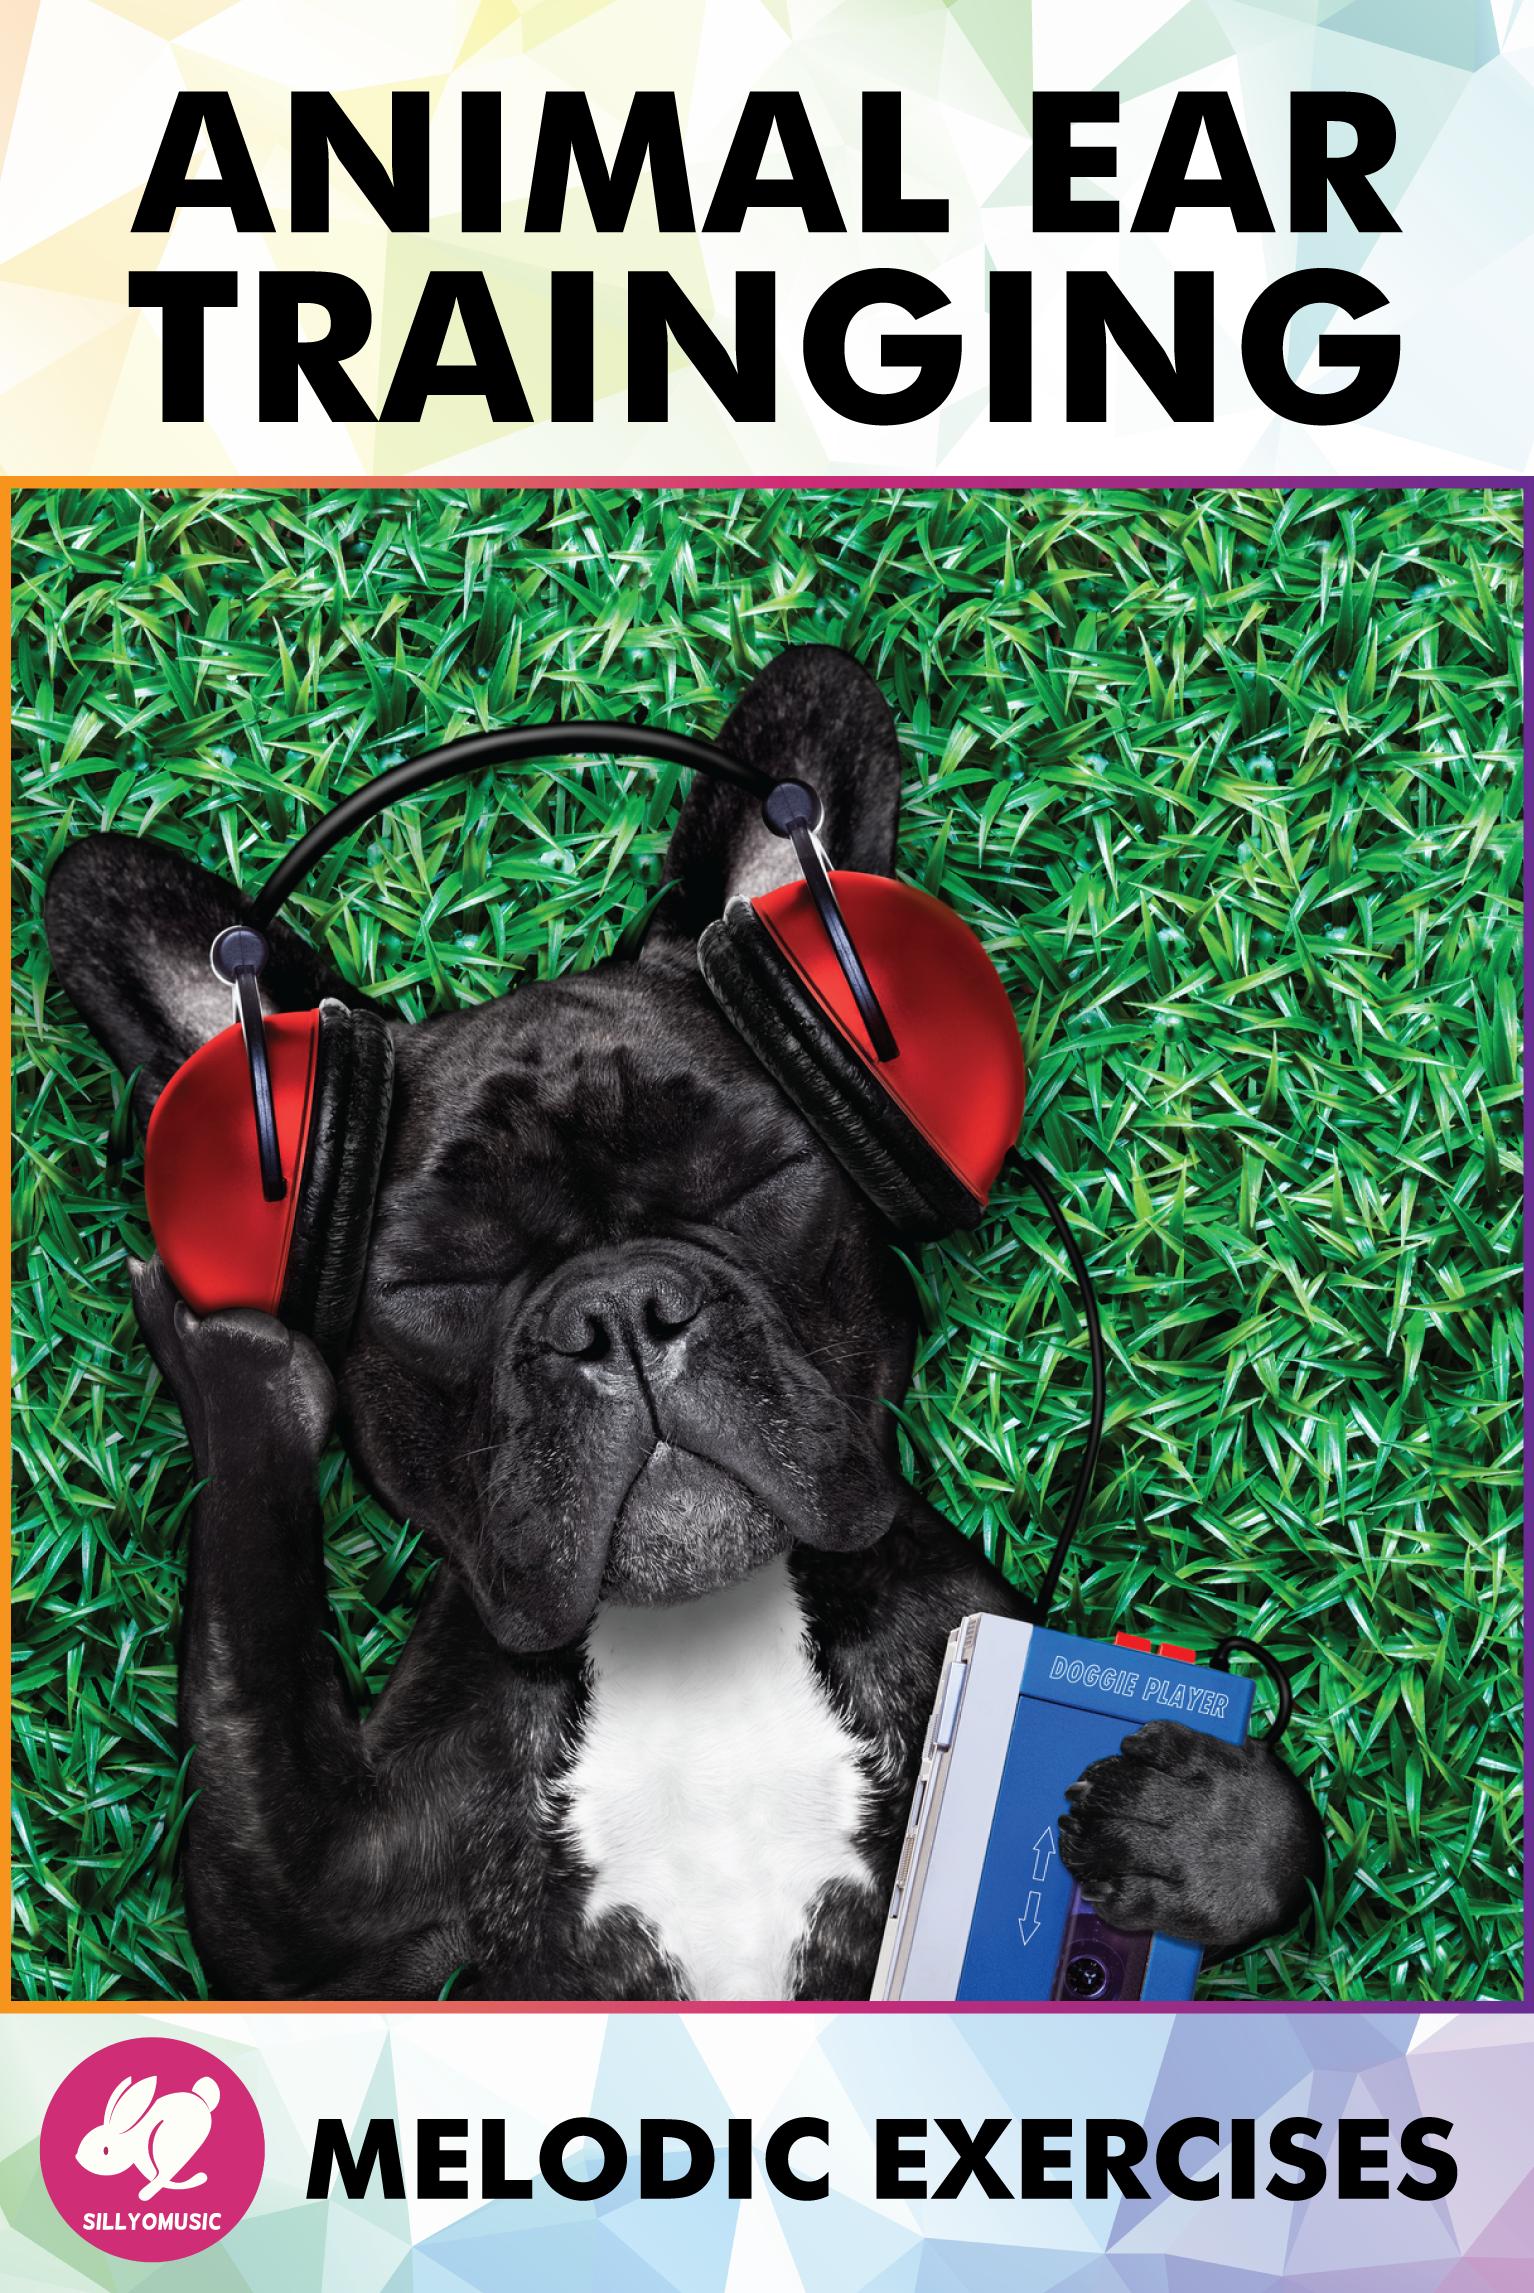 Animal Ear Training Exercises